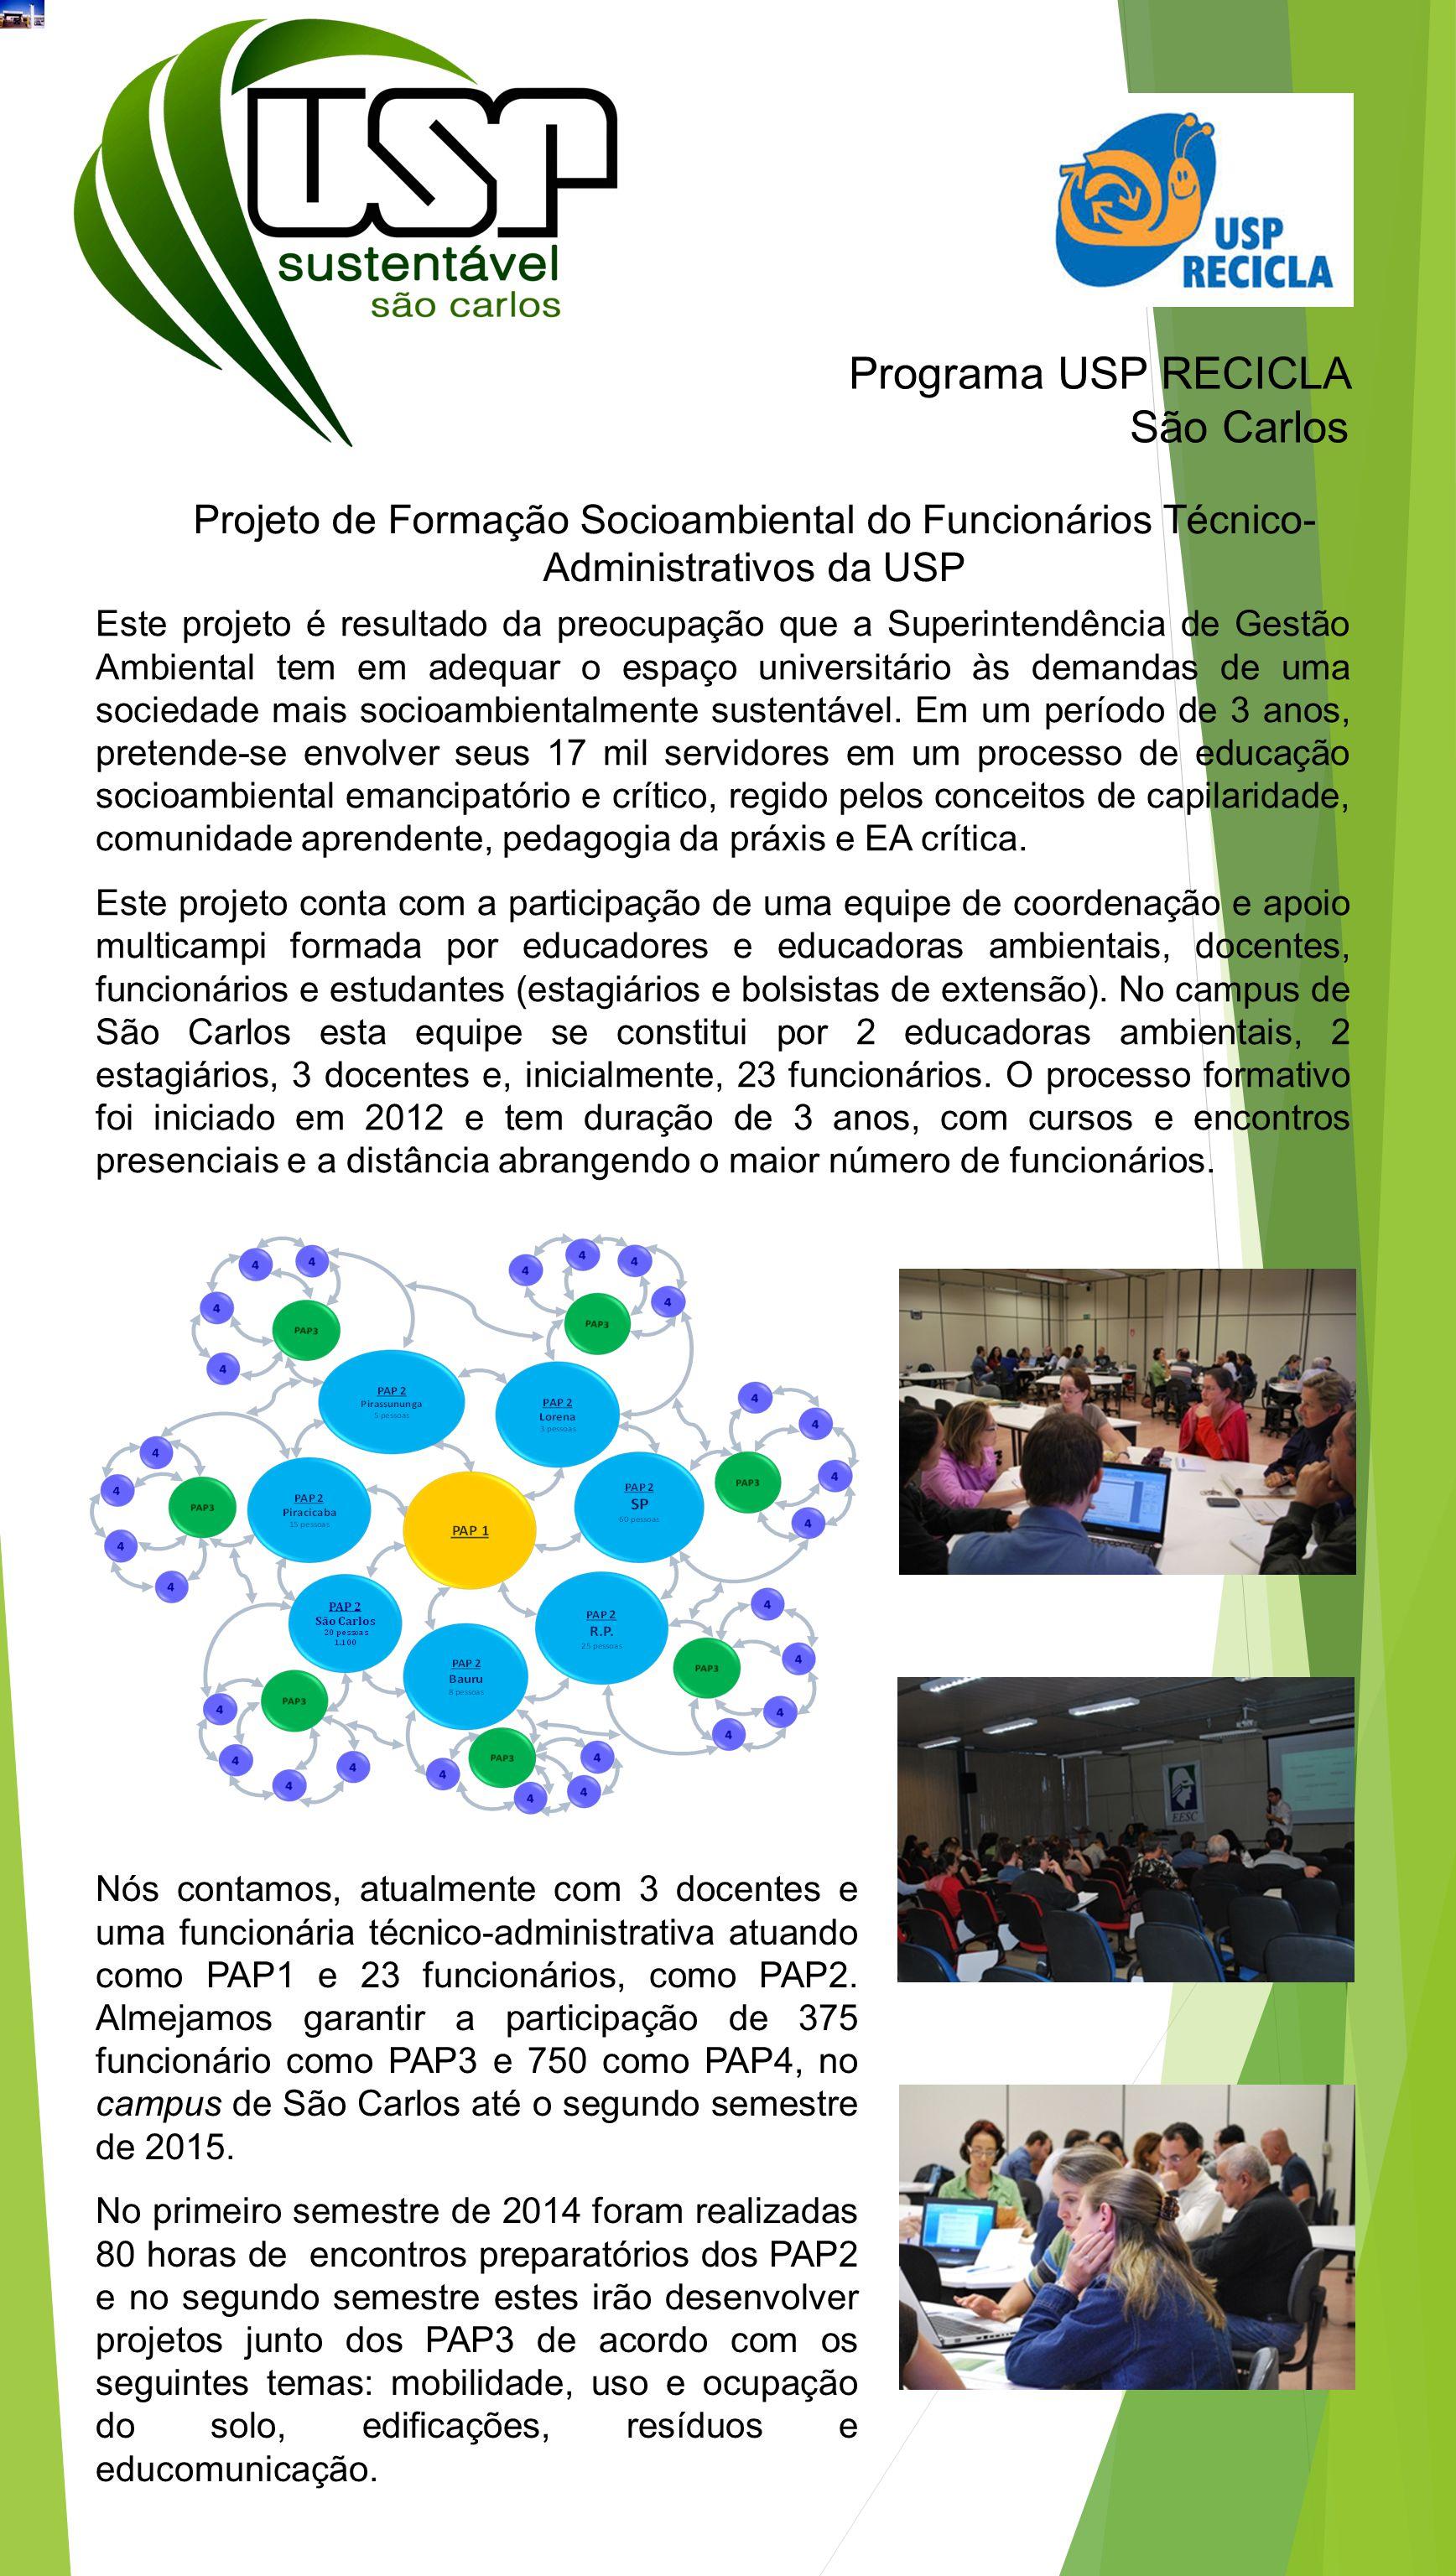 Programa USP RECICLA São Carlos Projeto de Formação Socioambiental do Funcionários Técnico- Administrativos da USP Este projeto é resultado da preocupação que a Superintendência de Gestão Ambiental tem em adequar o espaço universitário às demandas de uma sociedade mais socioambientalmente sustentável.